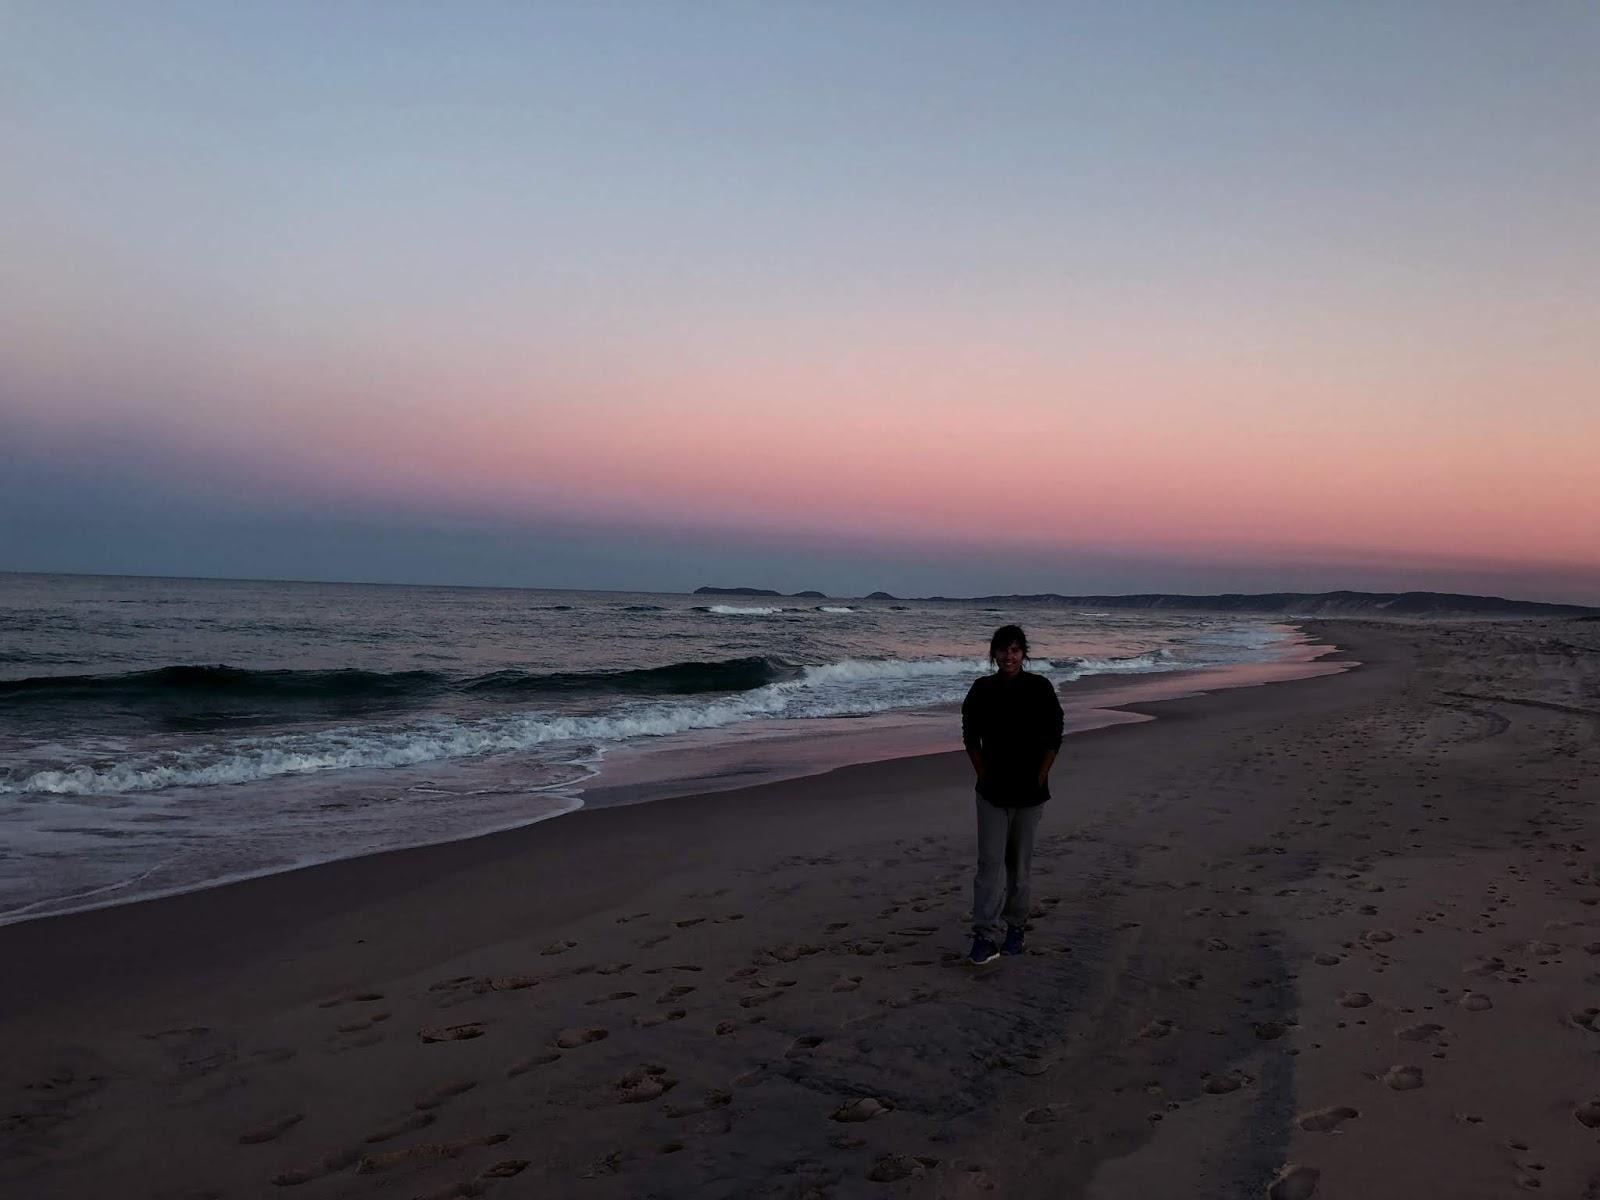 Plaża Rainbow Beach w Australii po zachodzie słońca